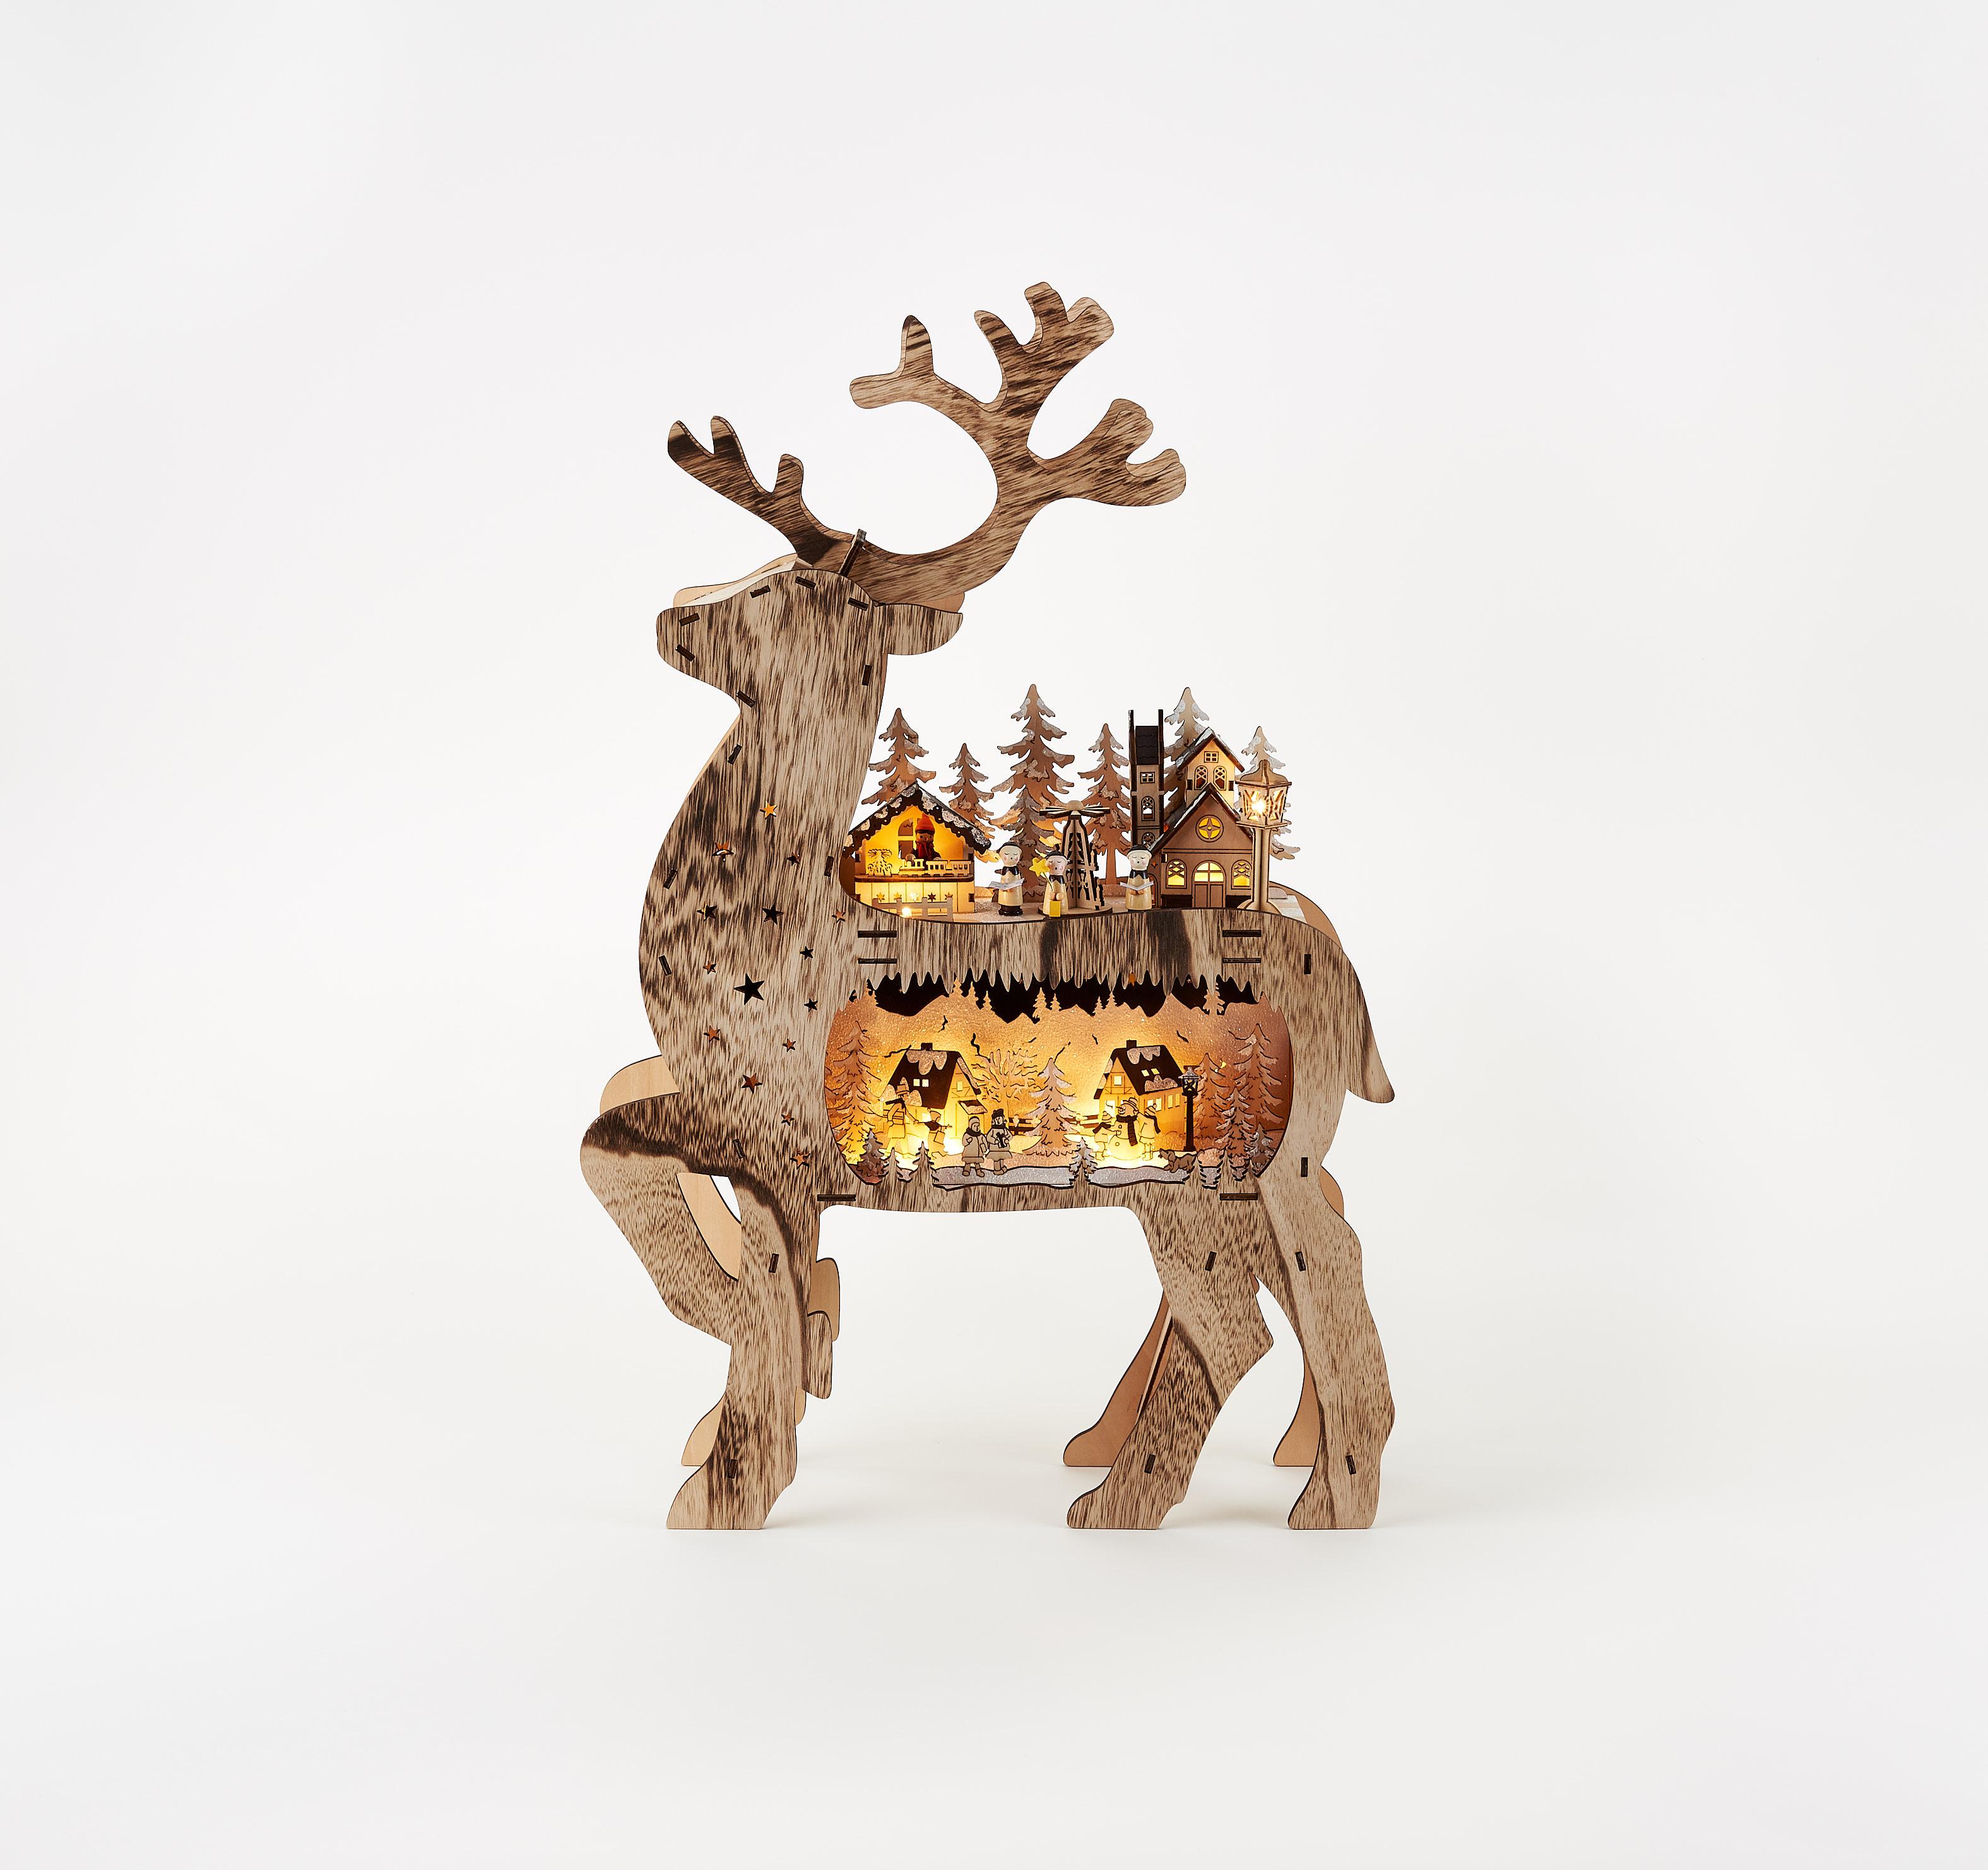 180 Degrees Rustic Reindeer Village CY0060